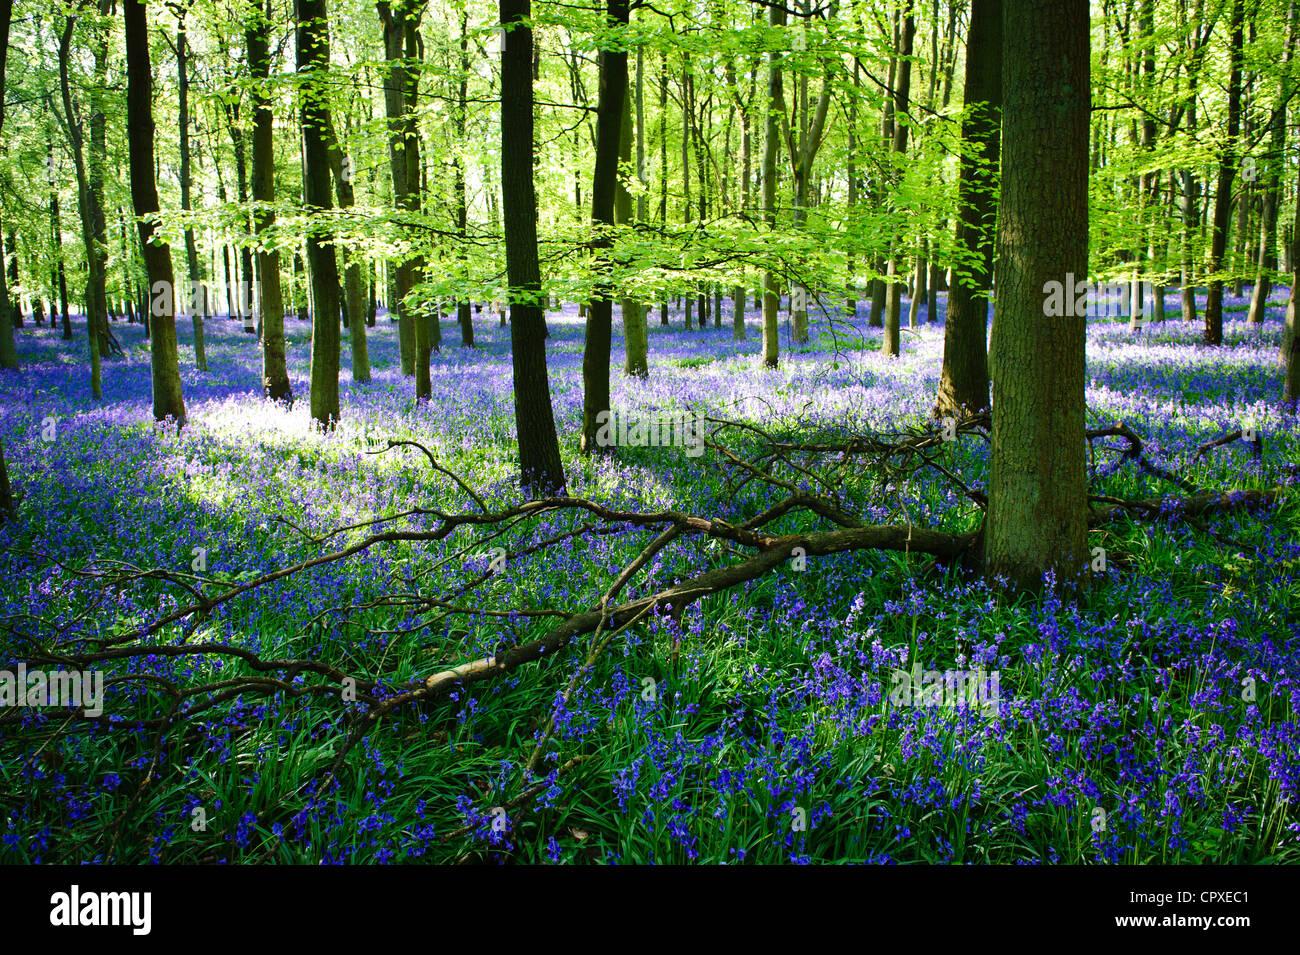 Las campánulas azules en plena floración cubriendo el suelo en una alfombra de color azul en una hermosa Imagen De Stock